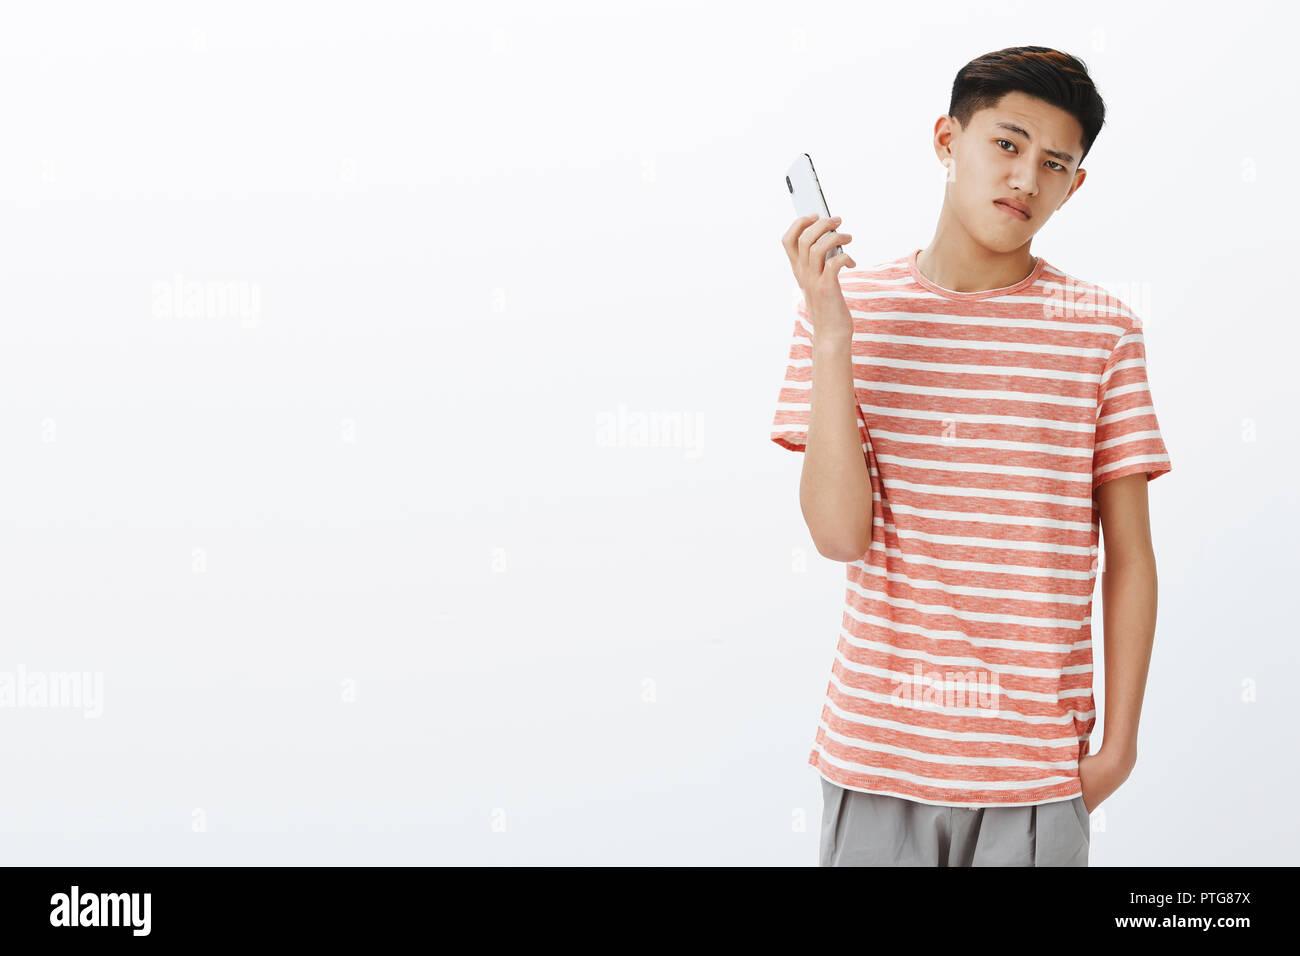 brand new 63850 e53f9 Bossy grave-alla moda giovane adolescente ragazzo asiatico ...